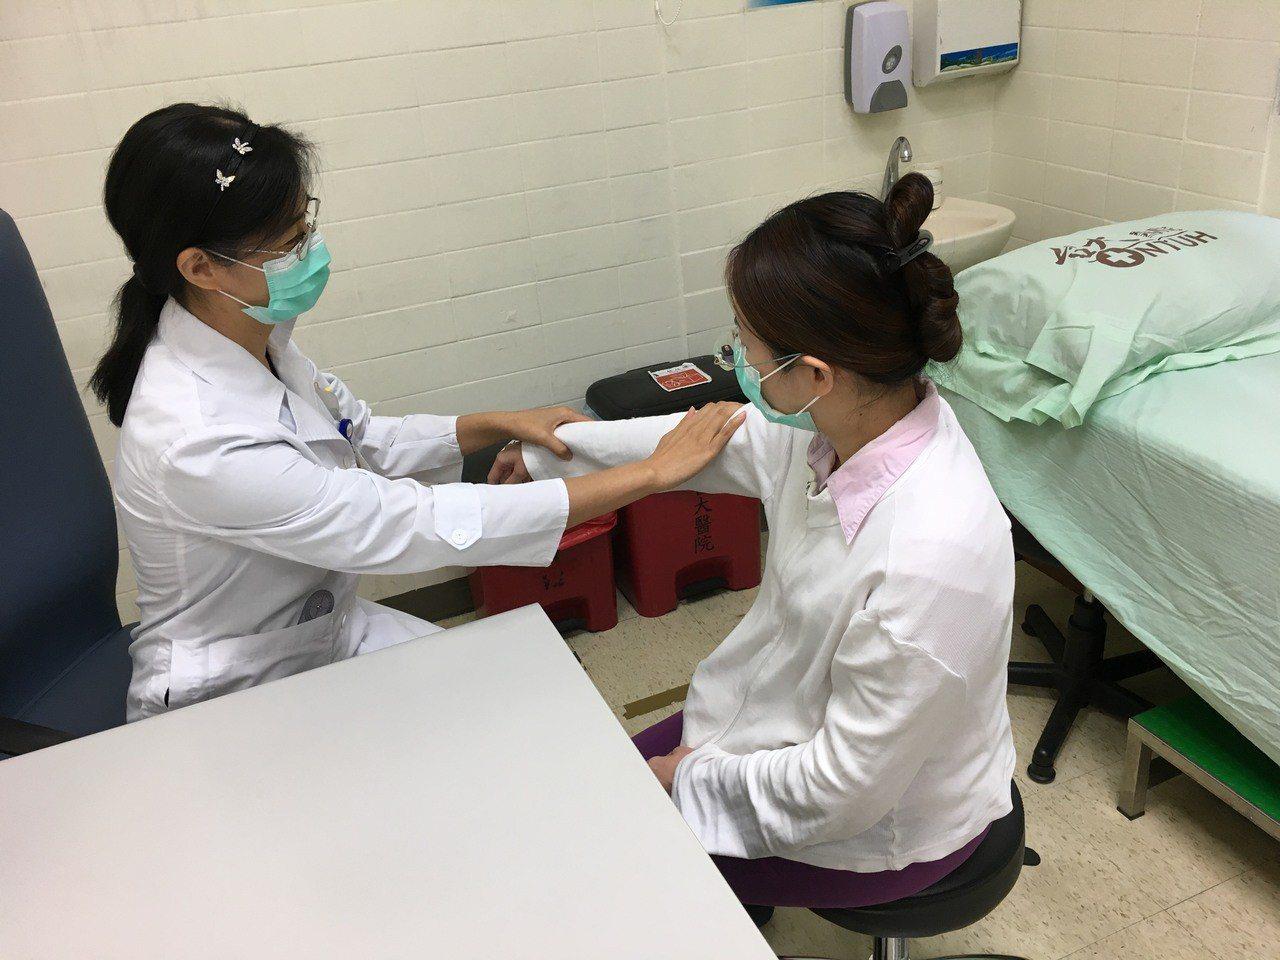 職業醫學科醫療團隊可協助雇主及受雇者做工作適性評估。圖/醫院提供